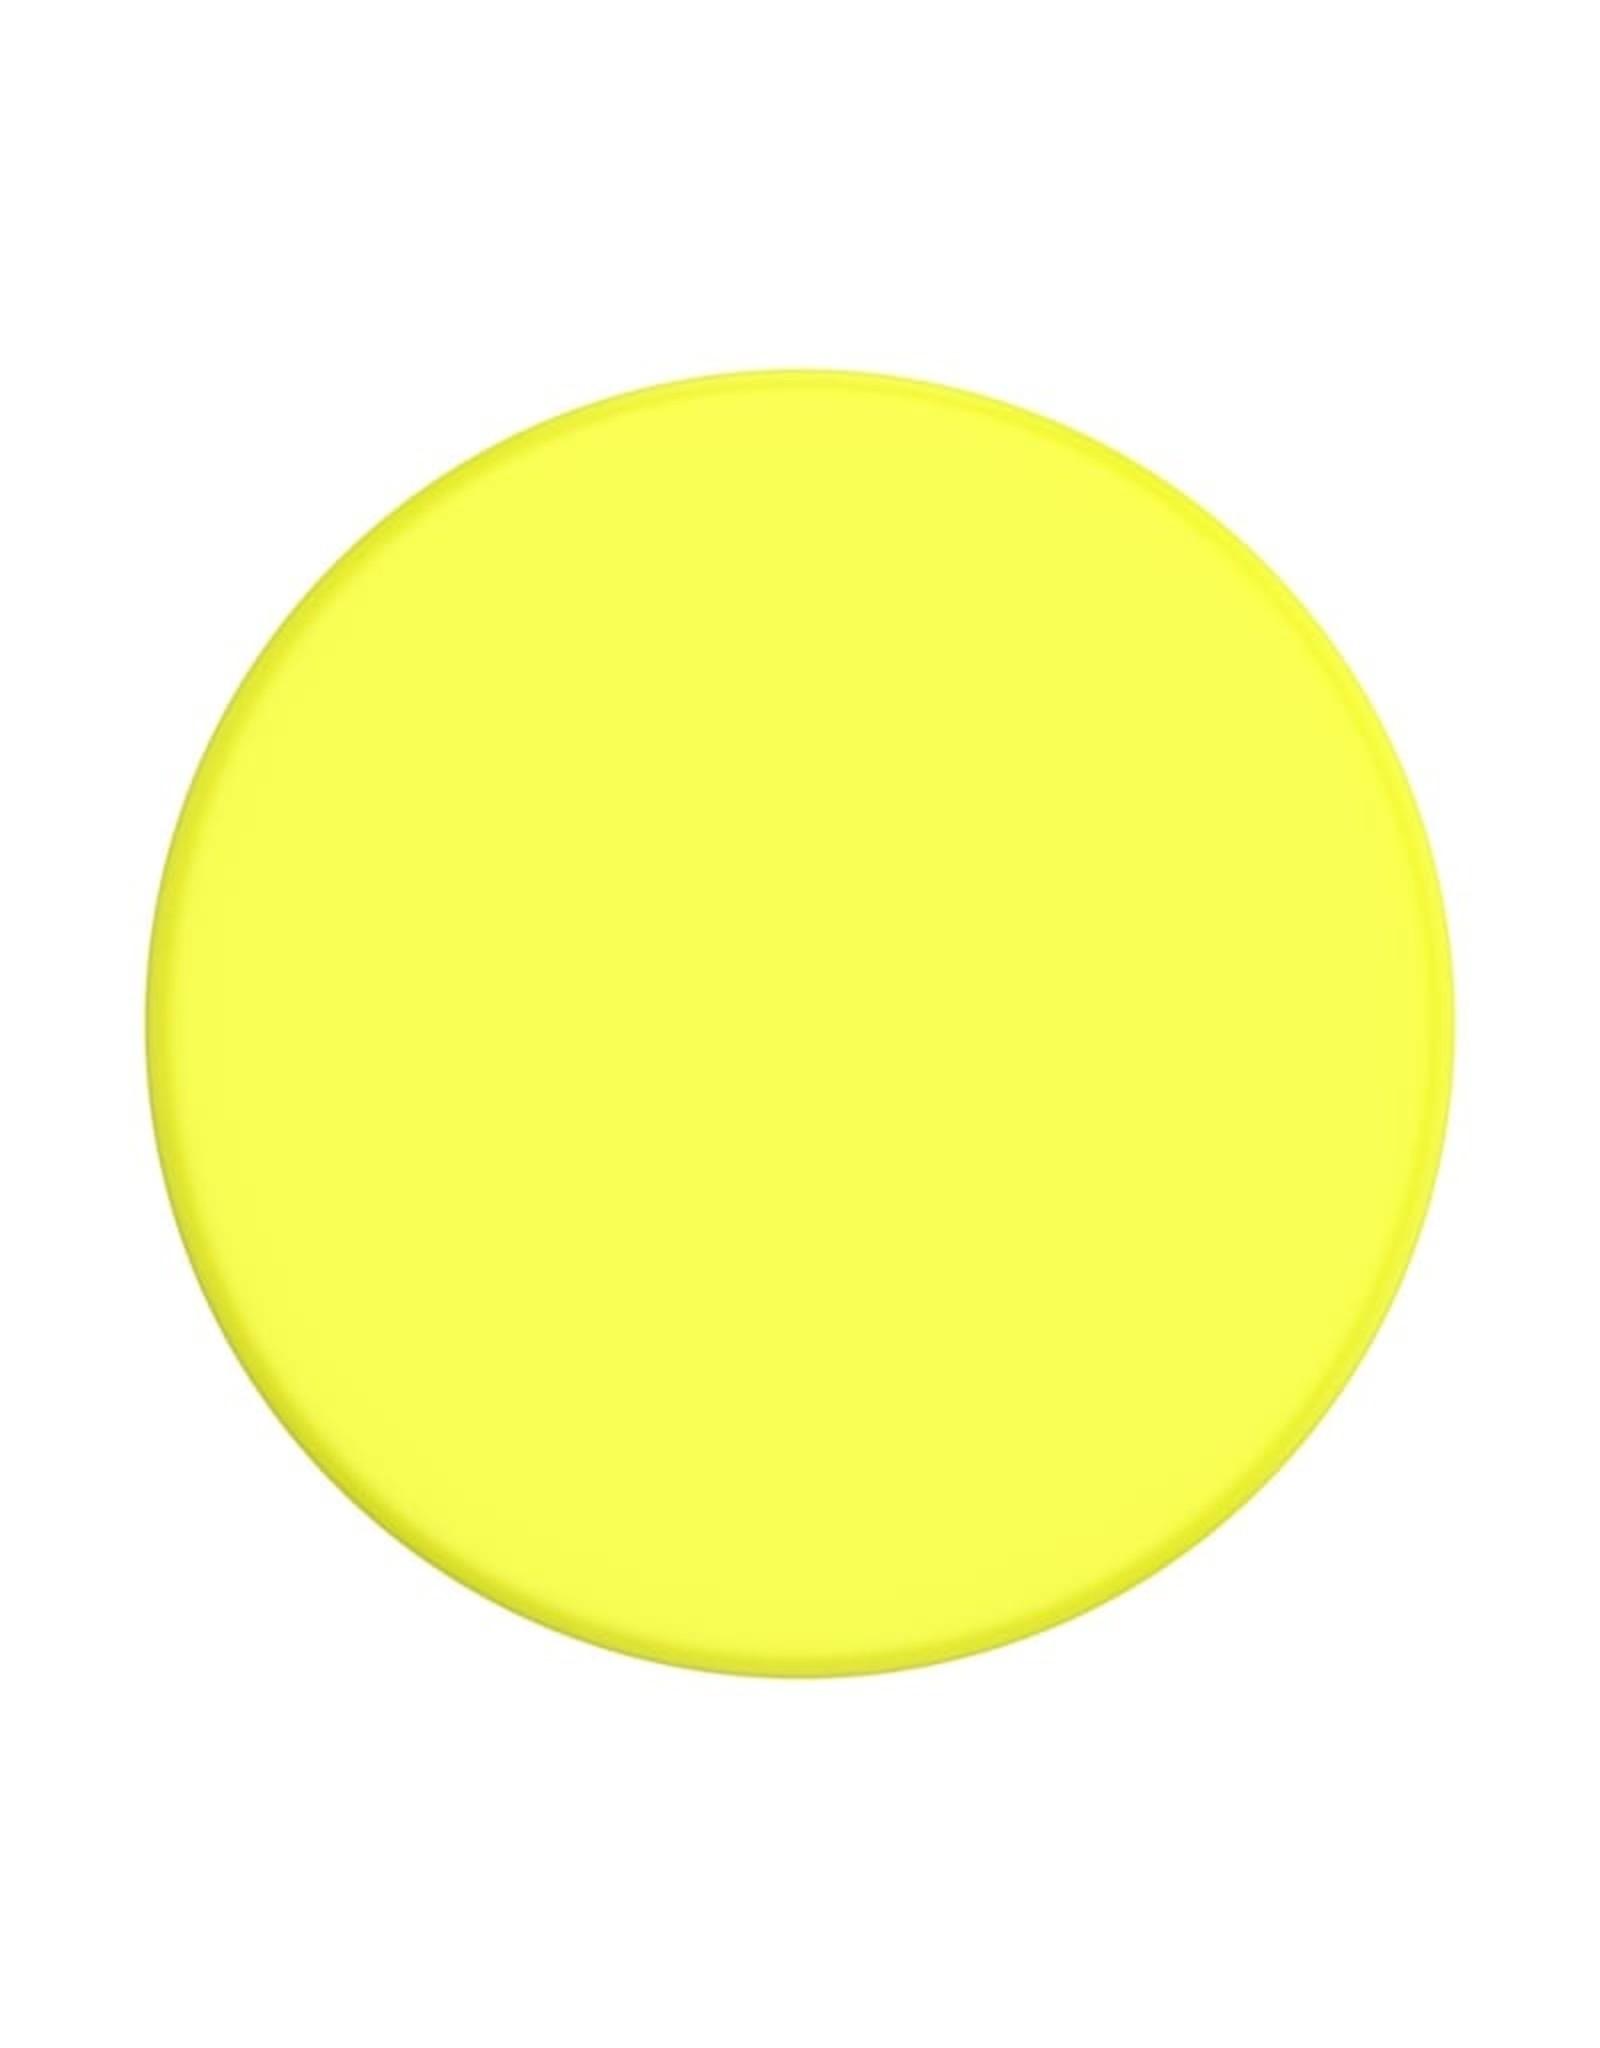 PopSockets Popsockets PopGrip (Gen2) - Neon Jolt Yellow